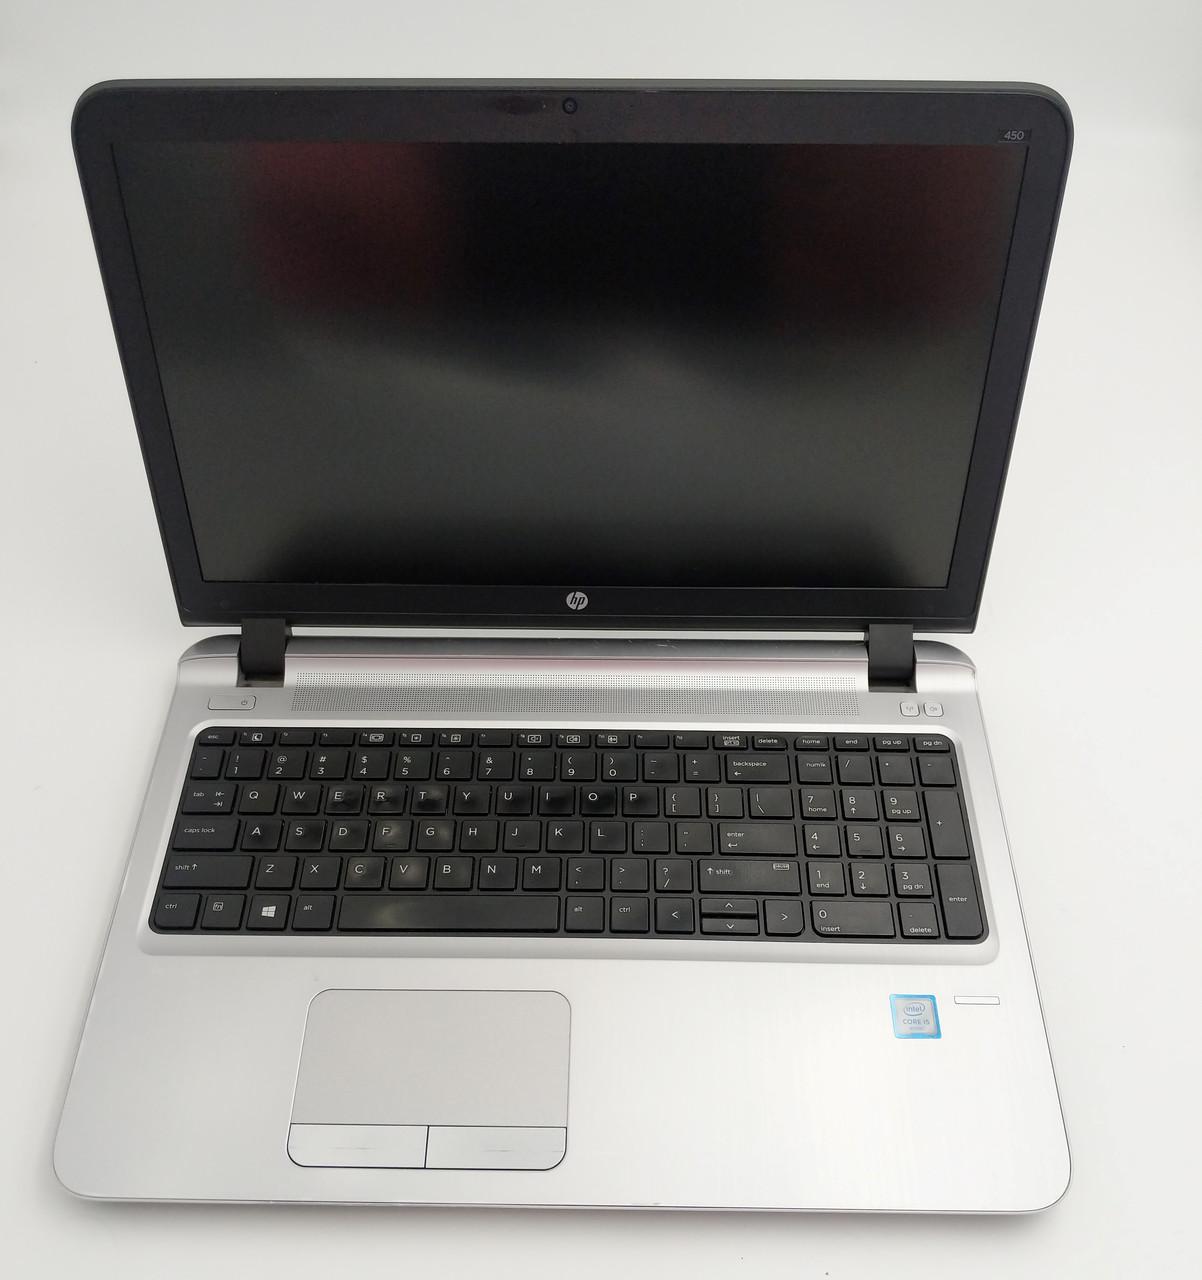 Б/У HP ProBook 450 G3 15.6″ FullHD i5-6200U /DDR3 8 Gb /SSD 240 Нет в наличии 3